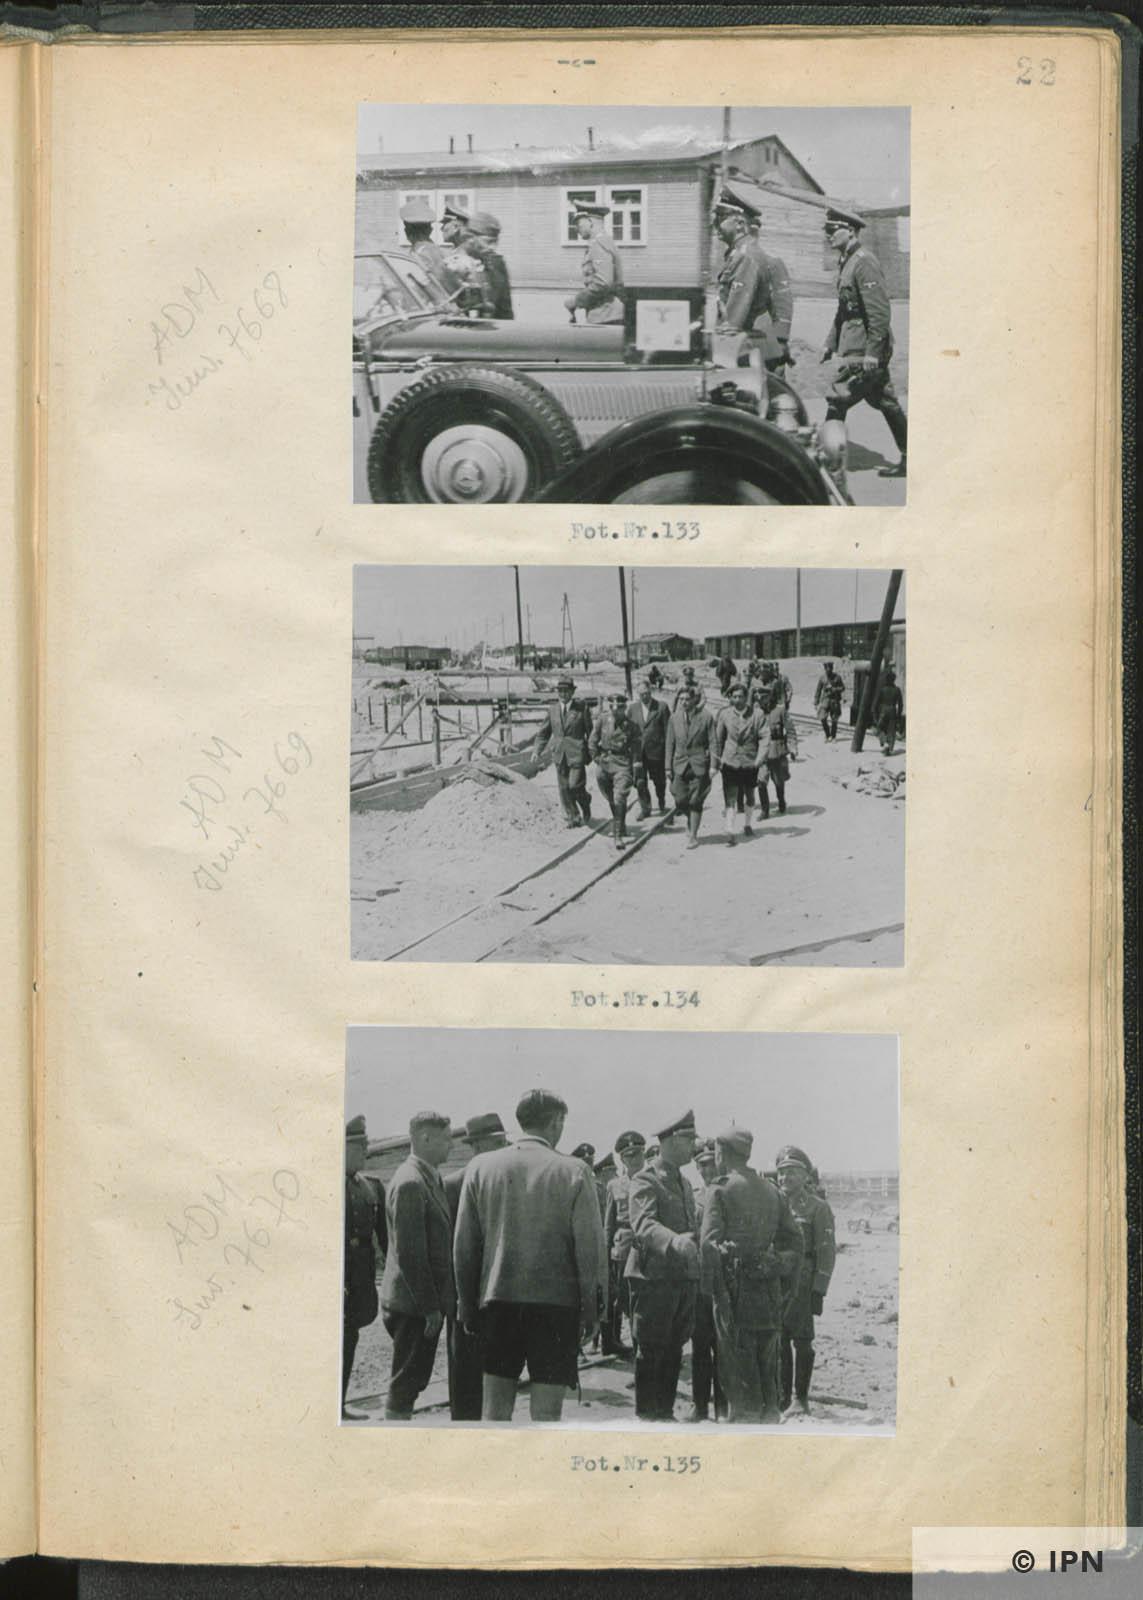 SS Reichsführer Heinrich Himmler visits IG Farben plant at Monowitz. July 17 to 18 1942. IPN GK 196 97 0027